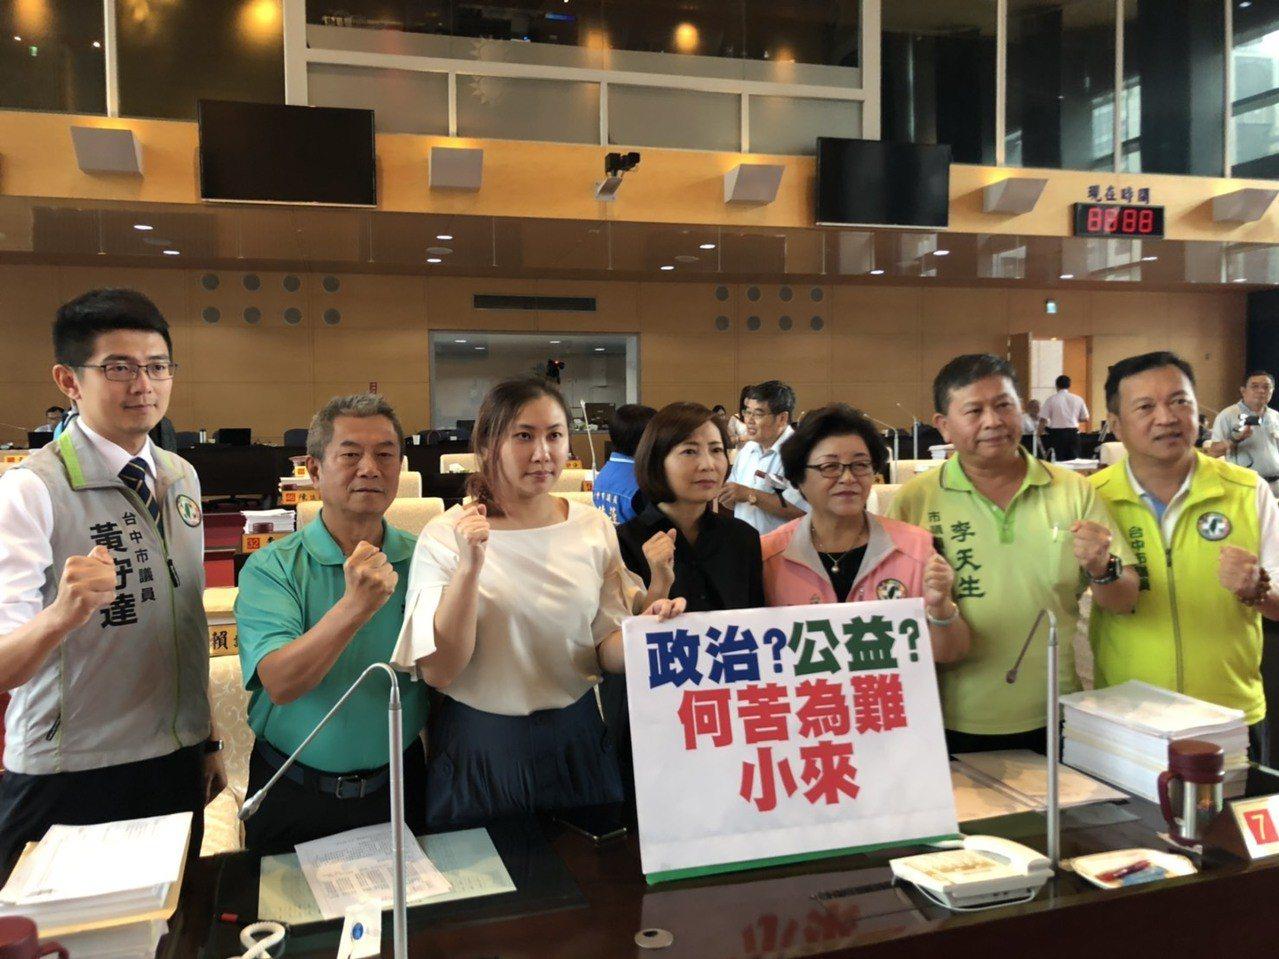 民進黨市議員抗議惠來遺址辦政治活動。記者陳秋雲/攝影